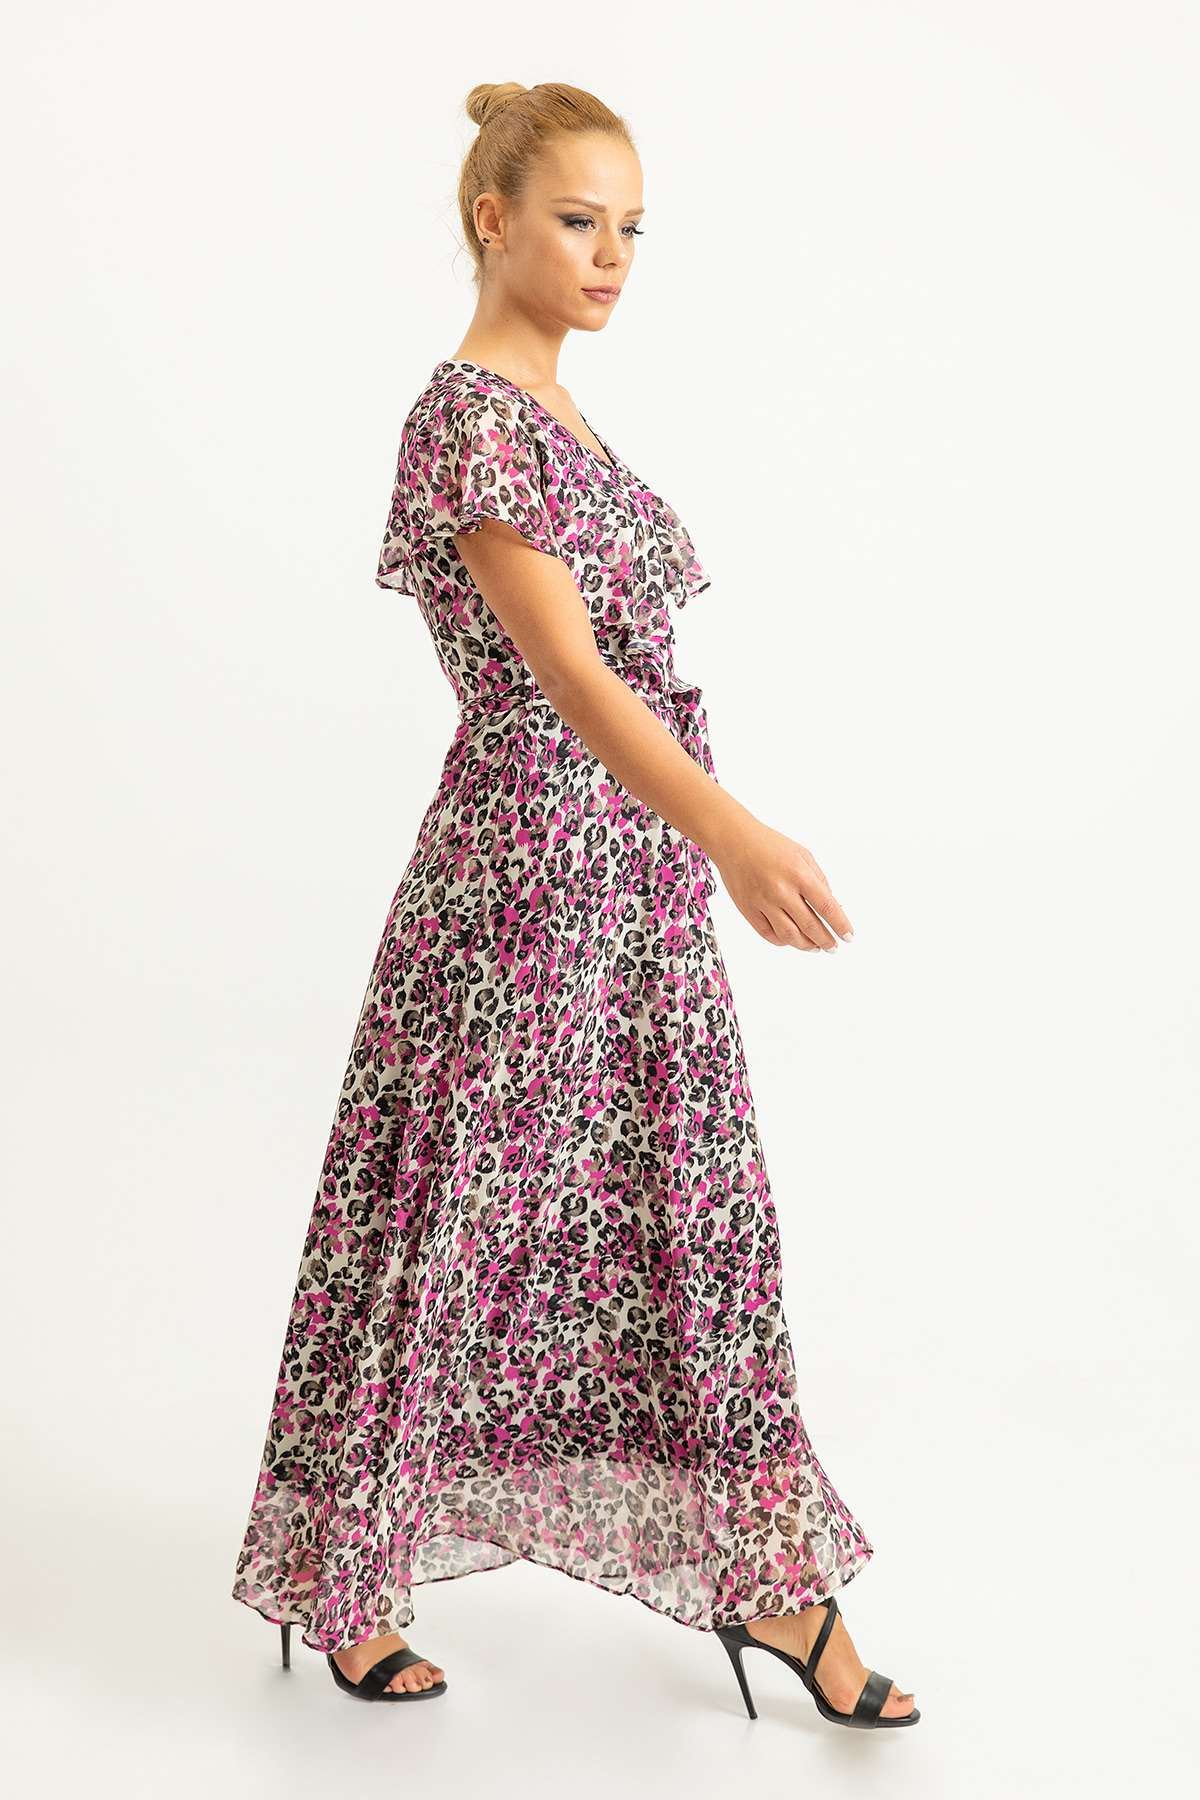 Renkli Leopar Desen Allerli Şifon Elbise-Fuşya